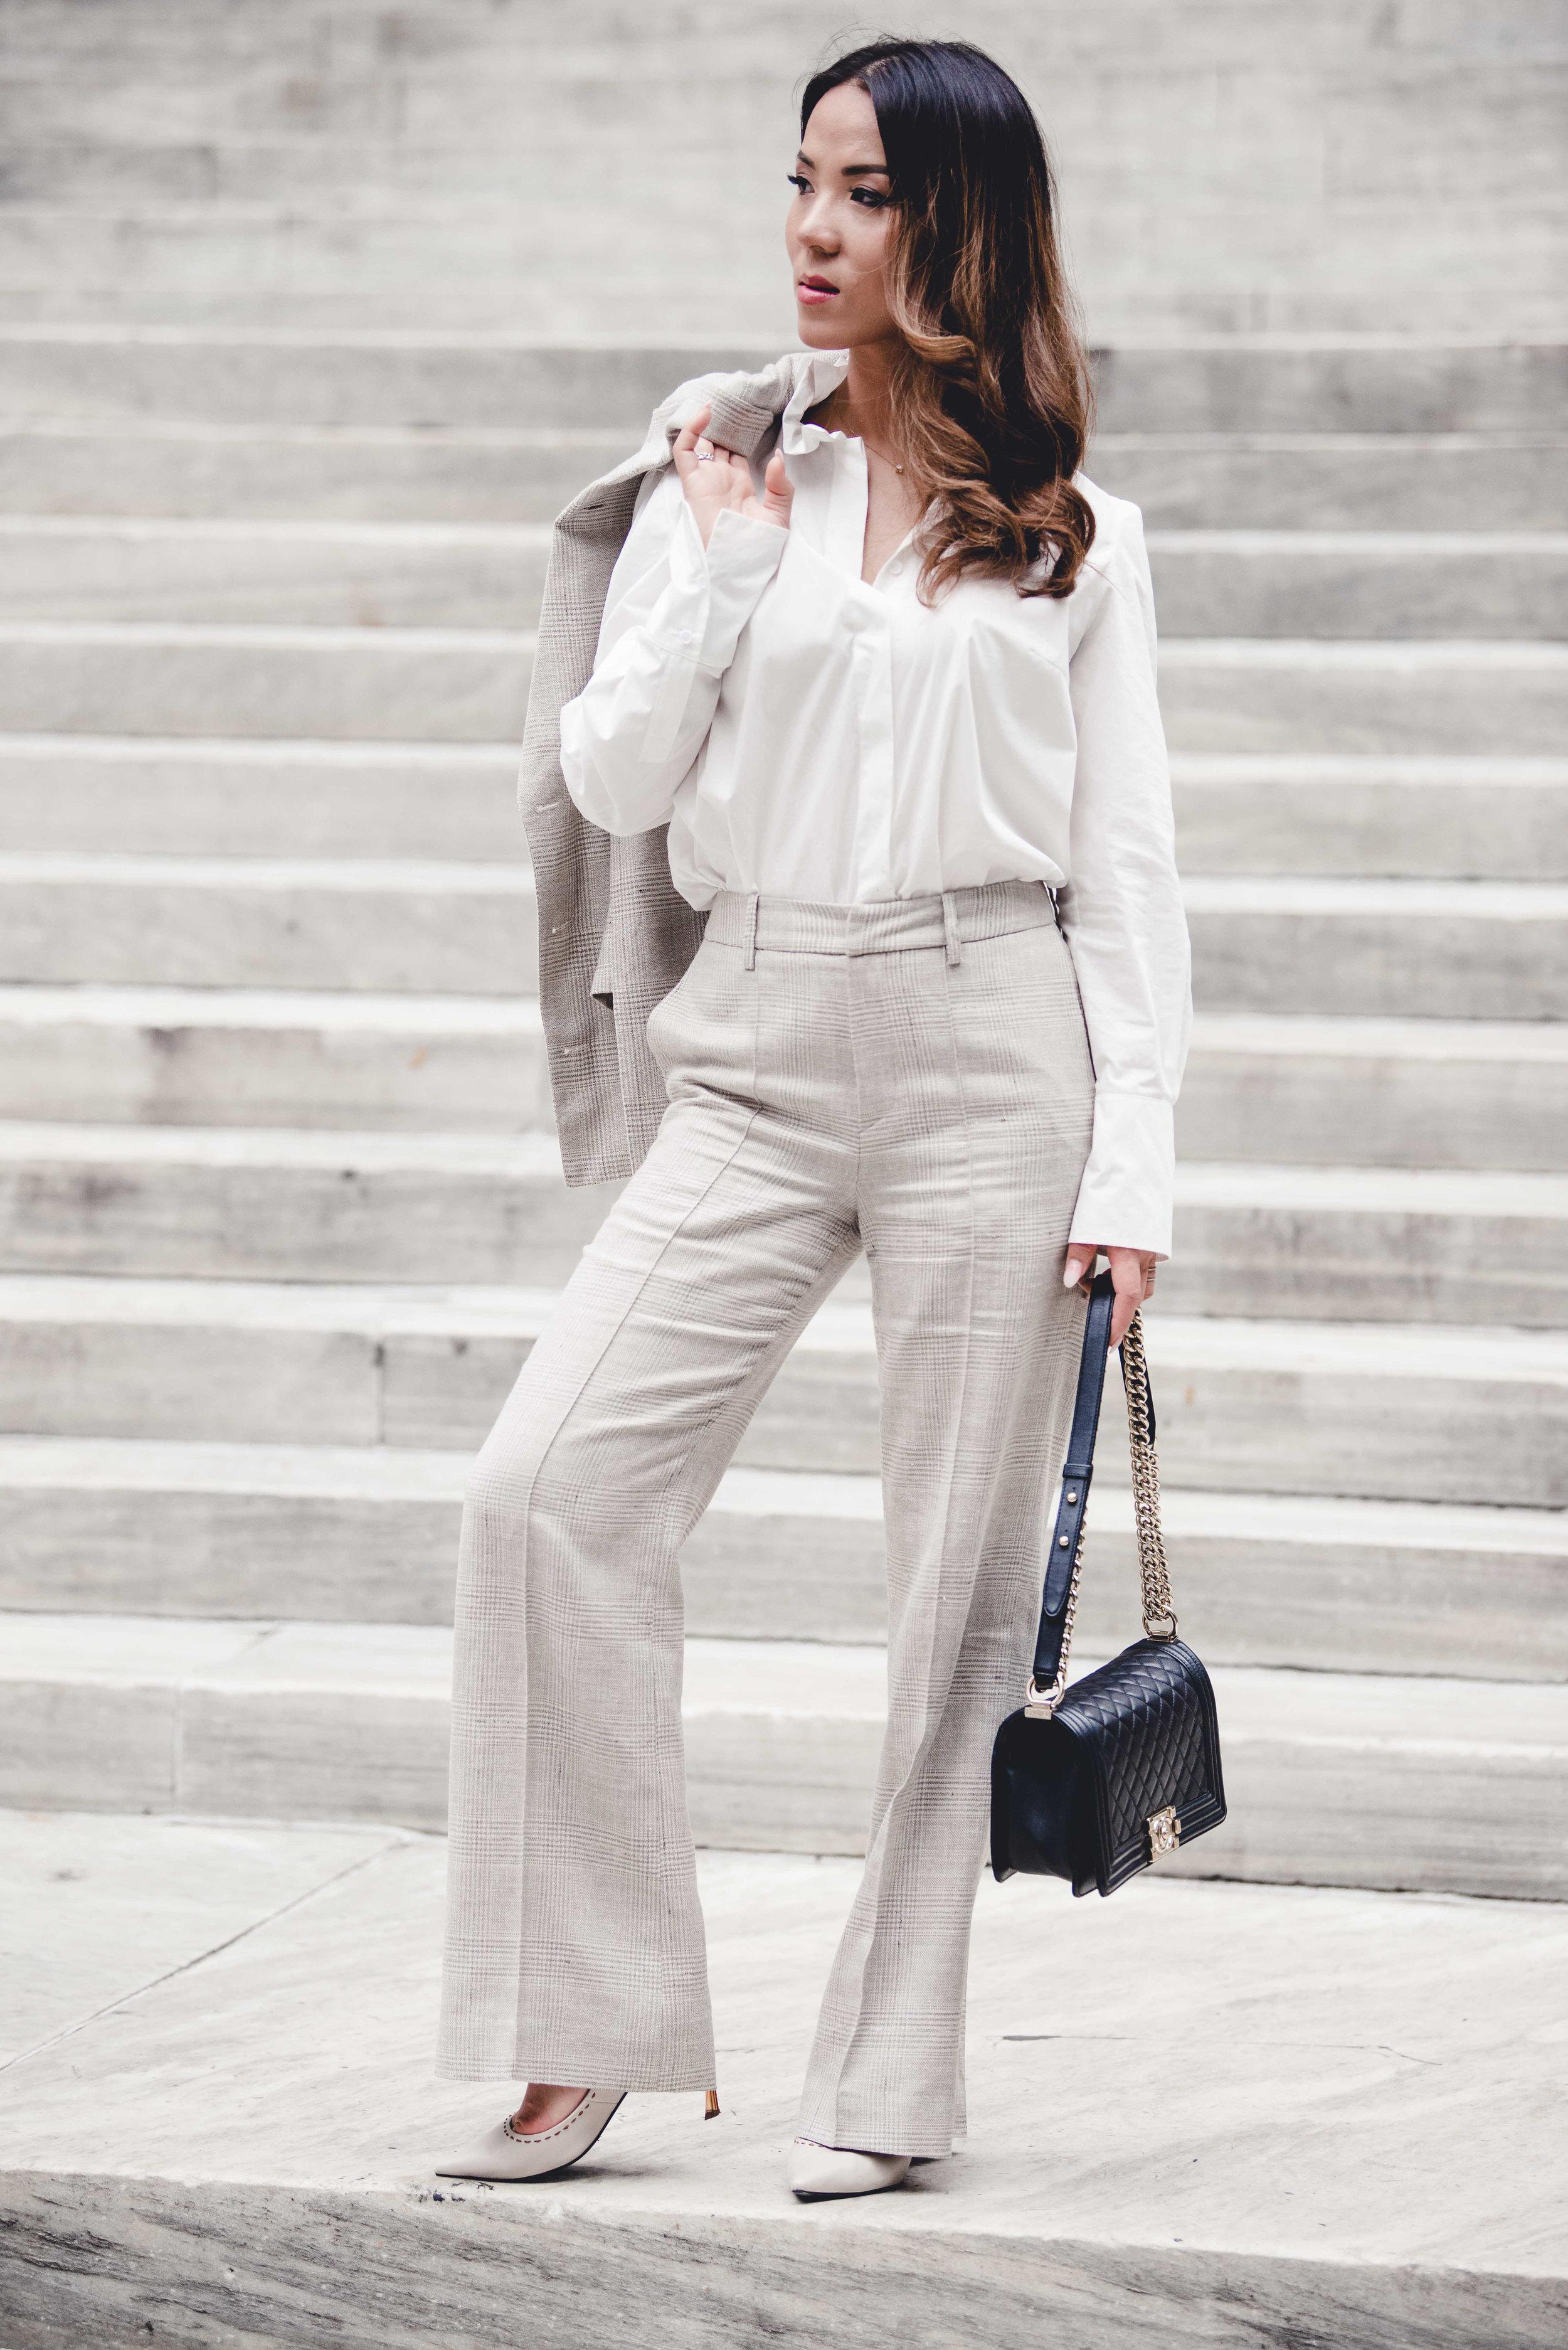 Suistudio-beige-color-suit-set-2-3.jpg